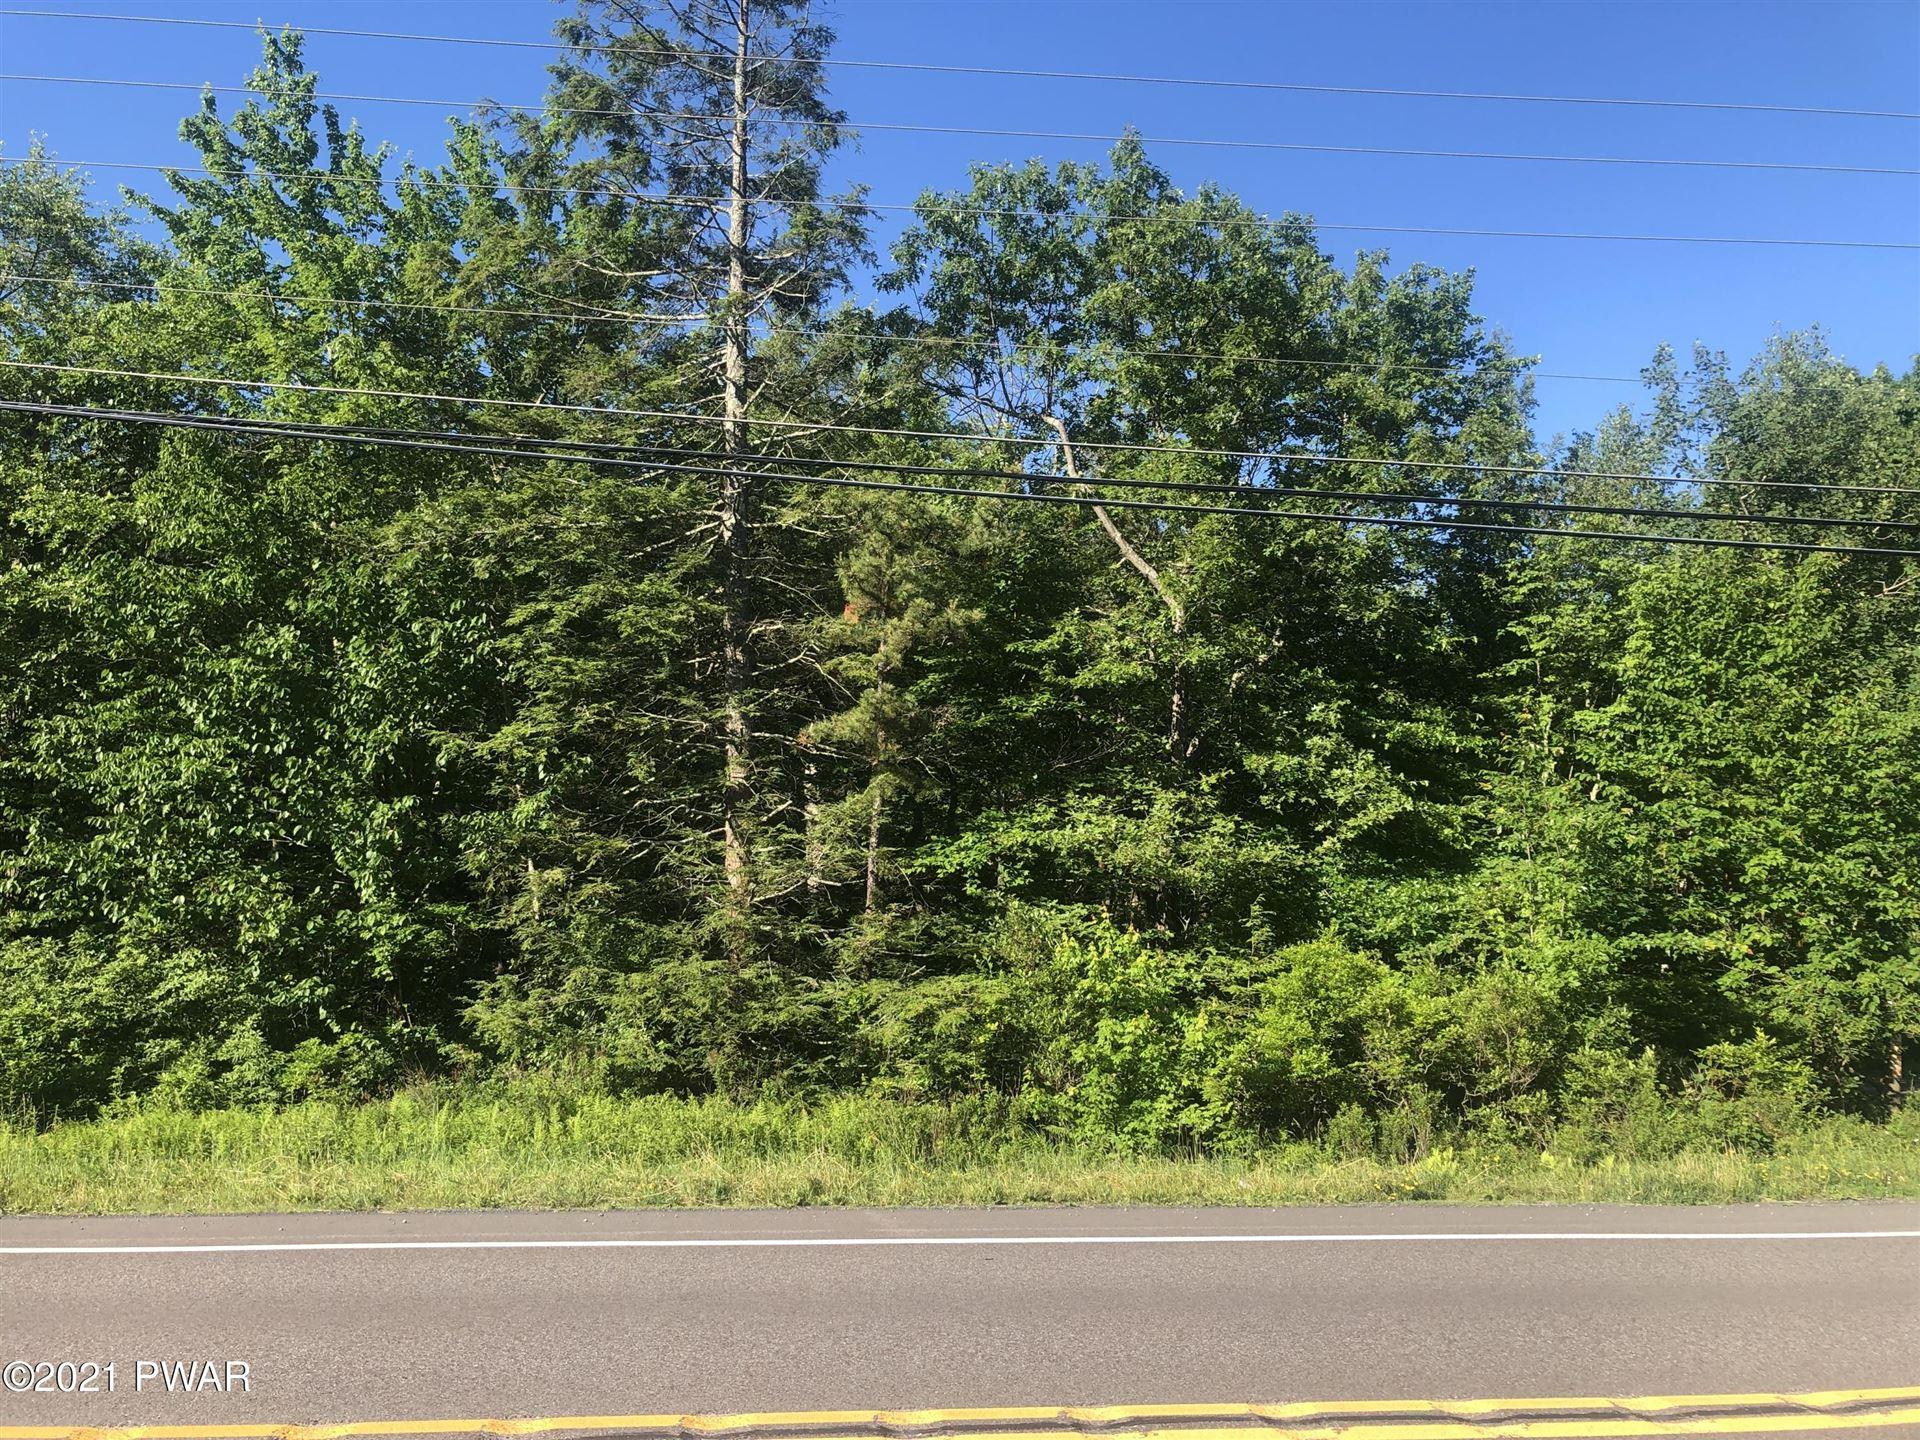 Photo of 64 White Birch Ln, Hawley, PA 18428 (MLS # 21-2205)